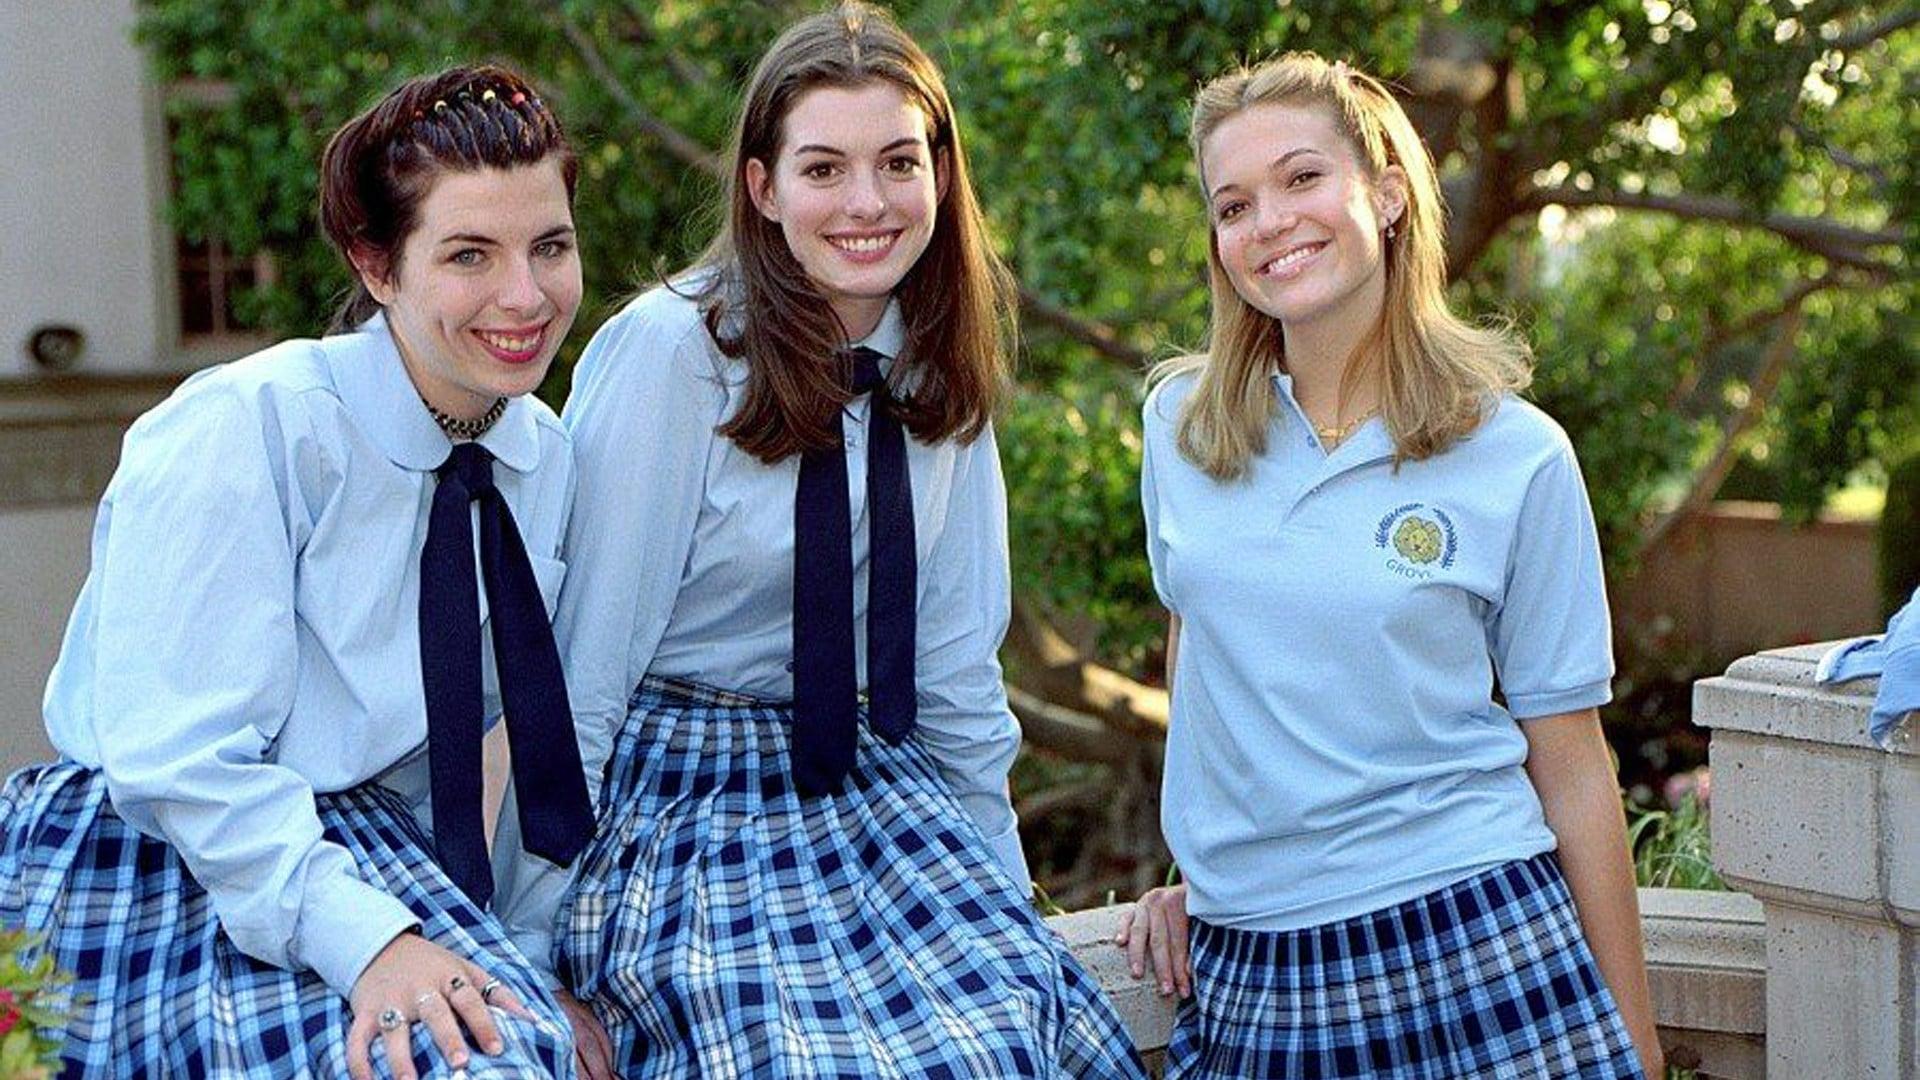 Meilleur film adolescent : les meilleurs films d